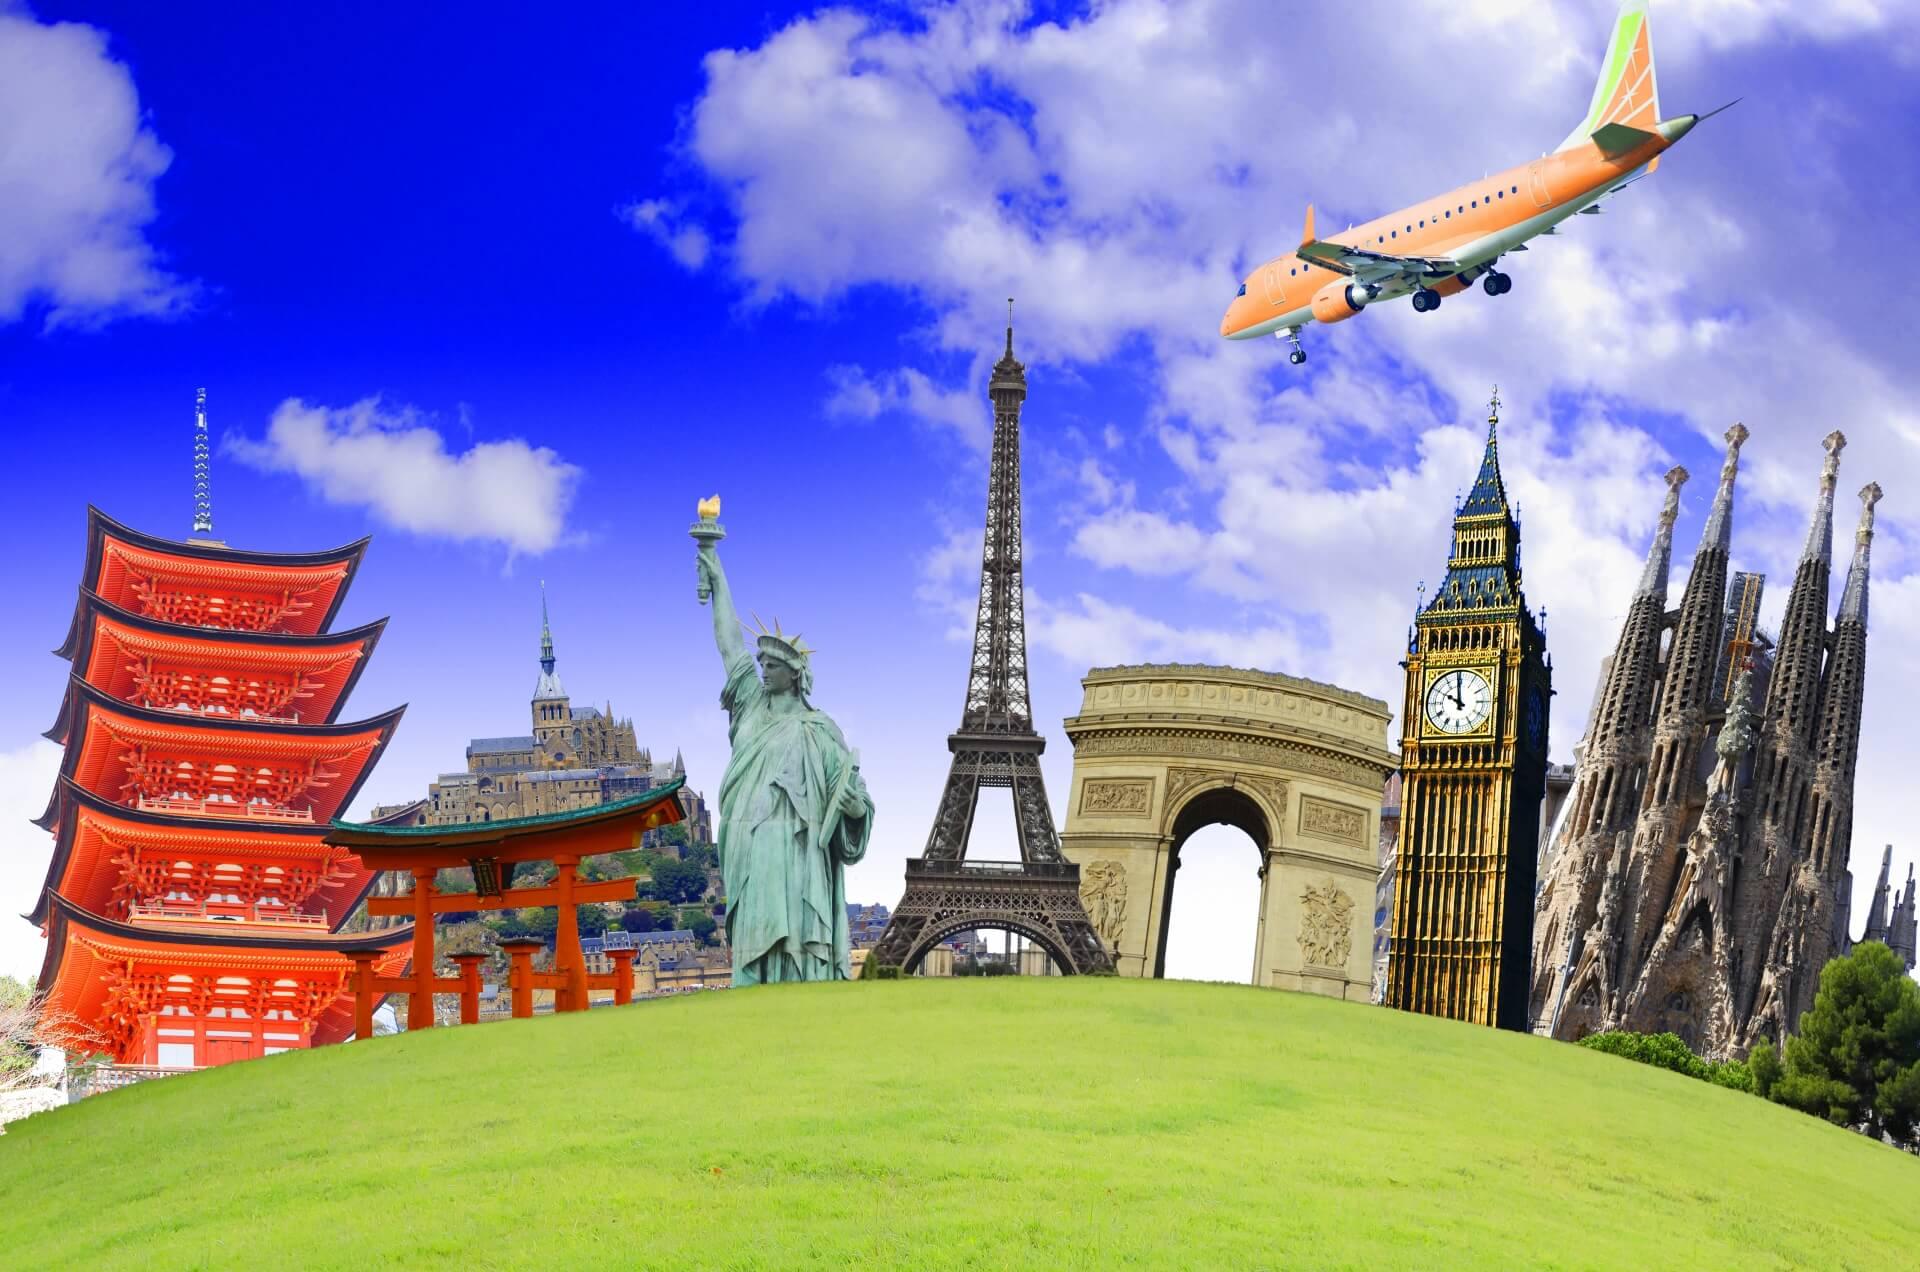 【夏休みの日数別】海外旅行に行くならココ!【厳選情報】